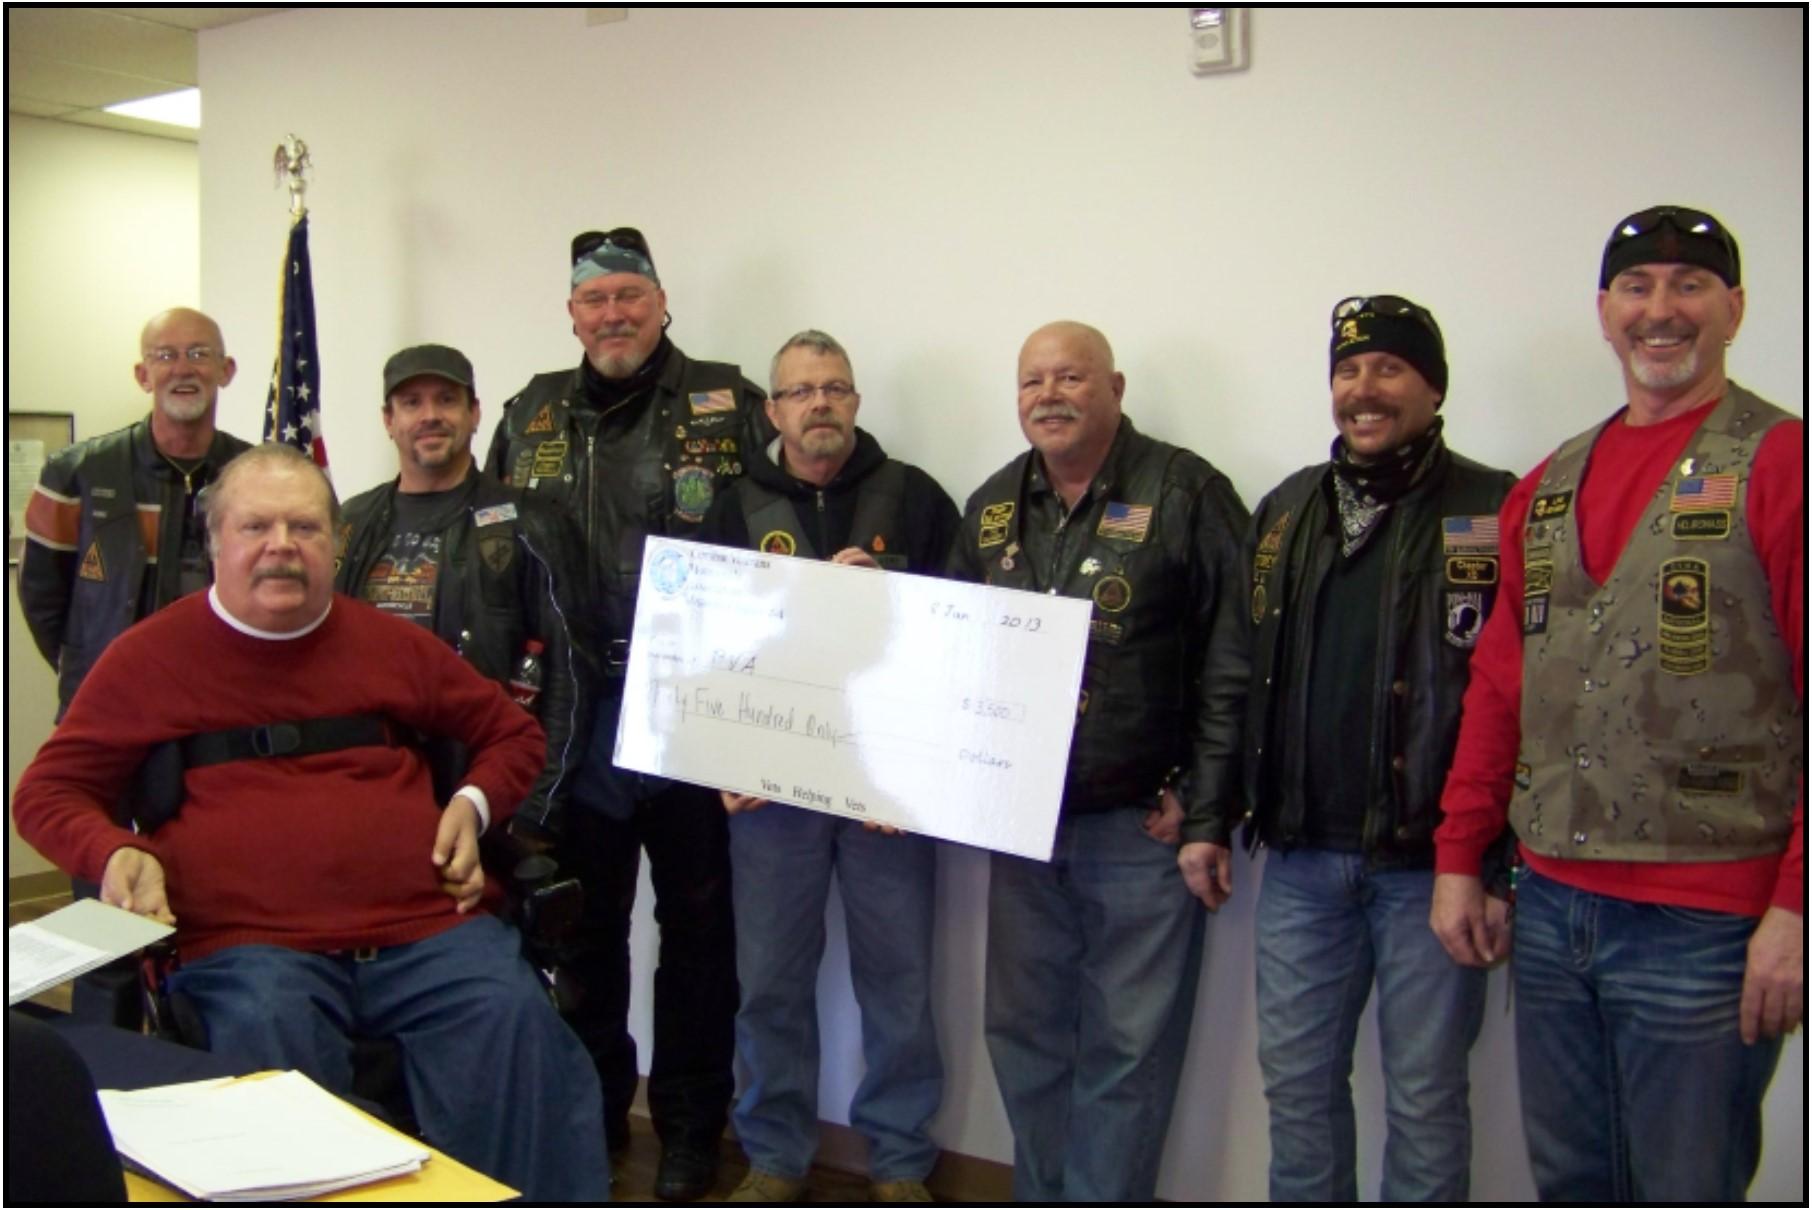 Combat Vets 2013 donation from Sept 2012 All Patriots Run.JPG